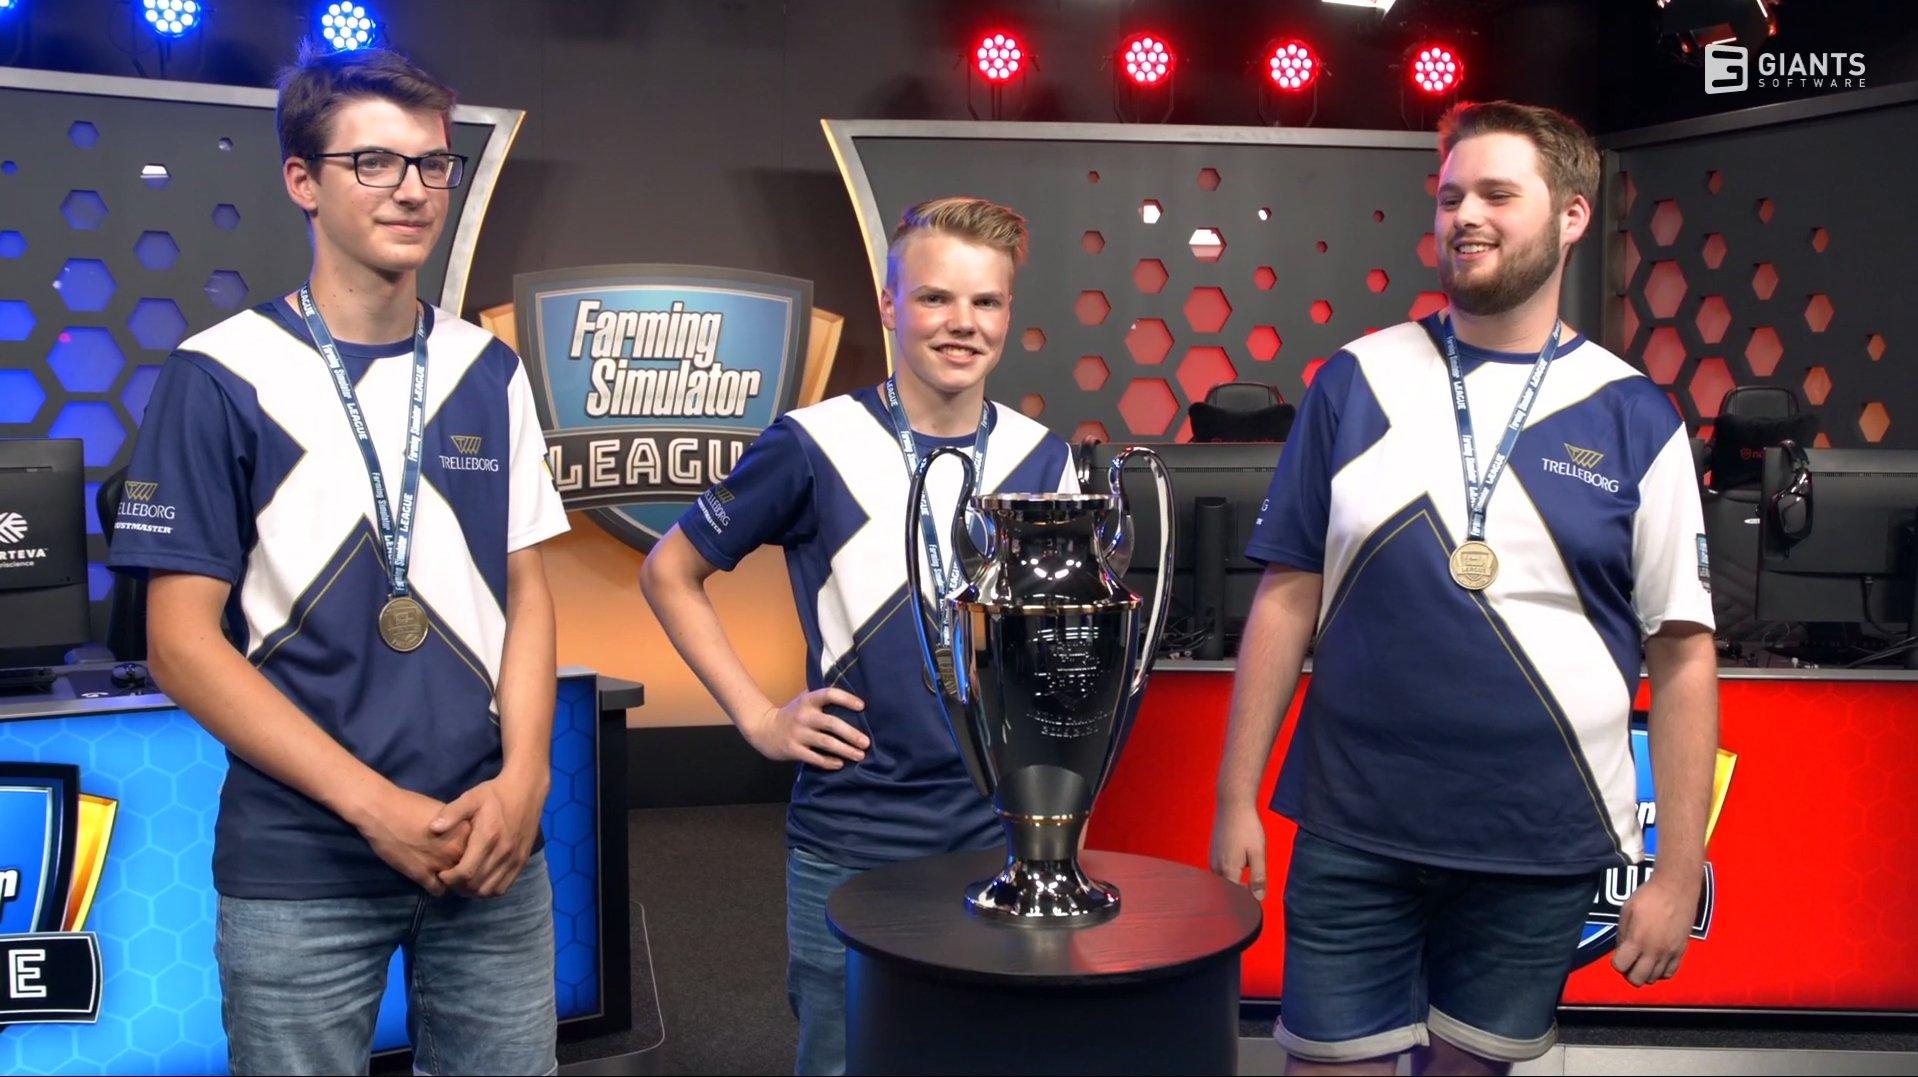 Команда Trelleborg виграла фінал ліги Farming Simulator, що спонсорується Corteva